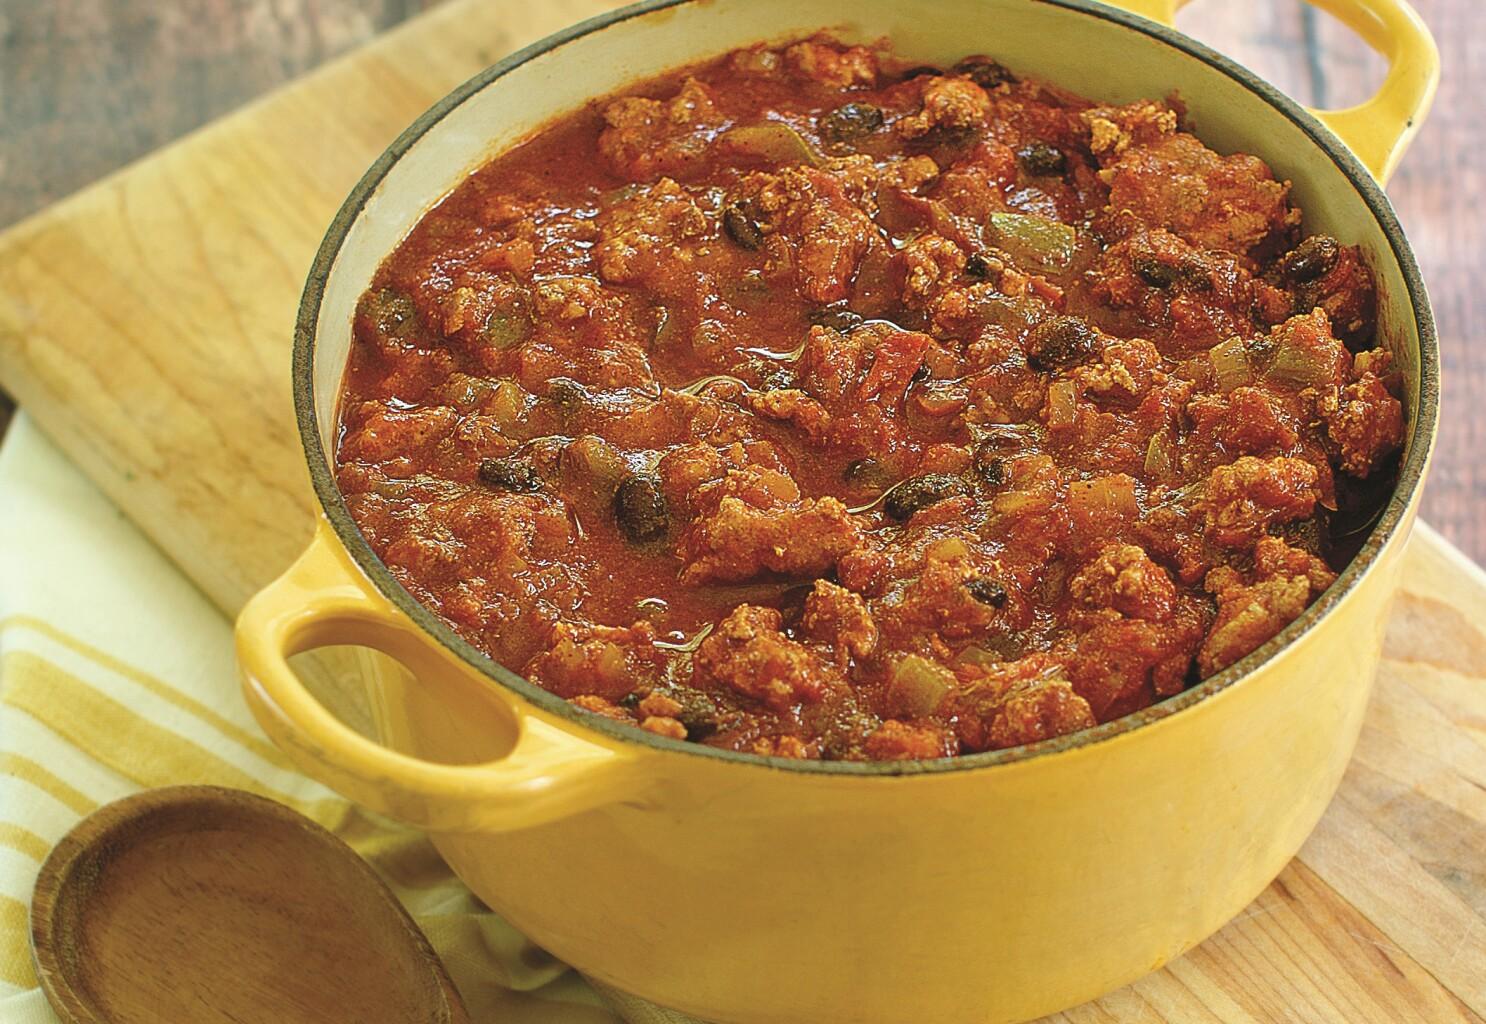 Chili recipe for a keto diet